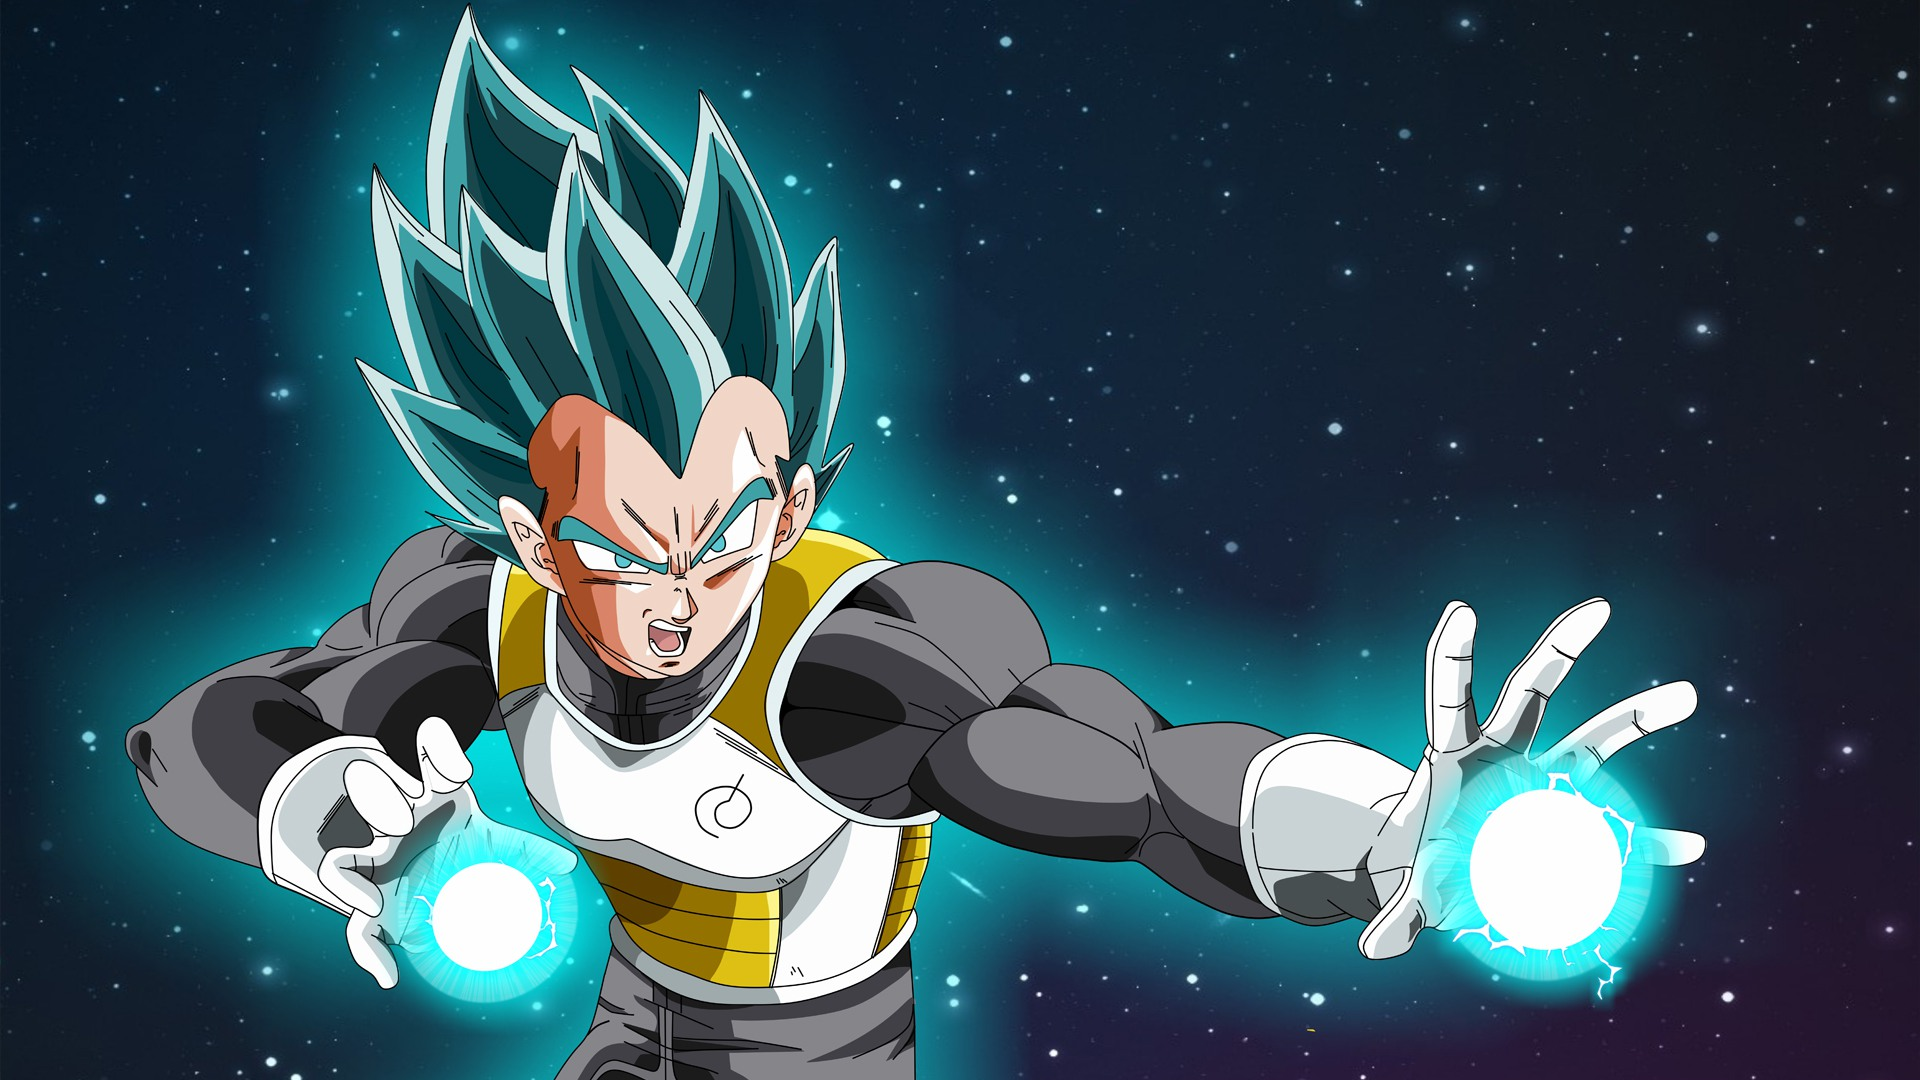 Desktop Wallpaper Vegeta Dragon Ball Super Anime Hd Image Picture Background X6z2cw